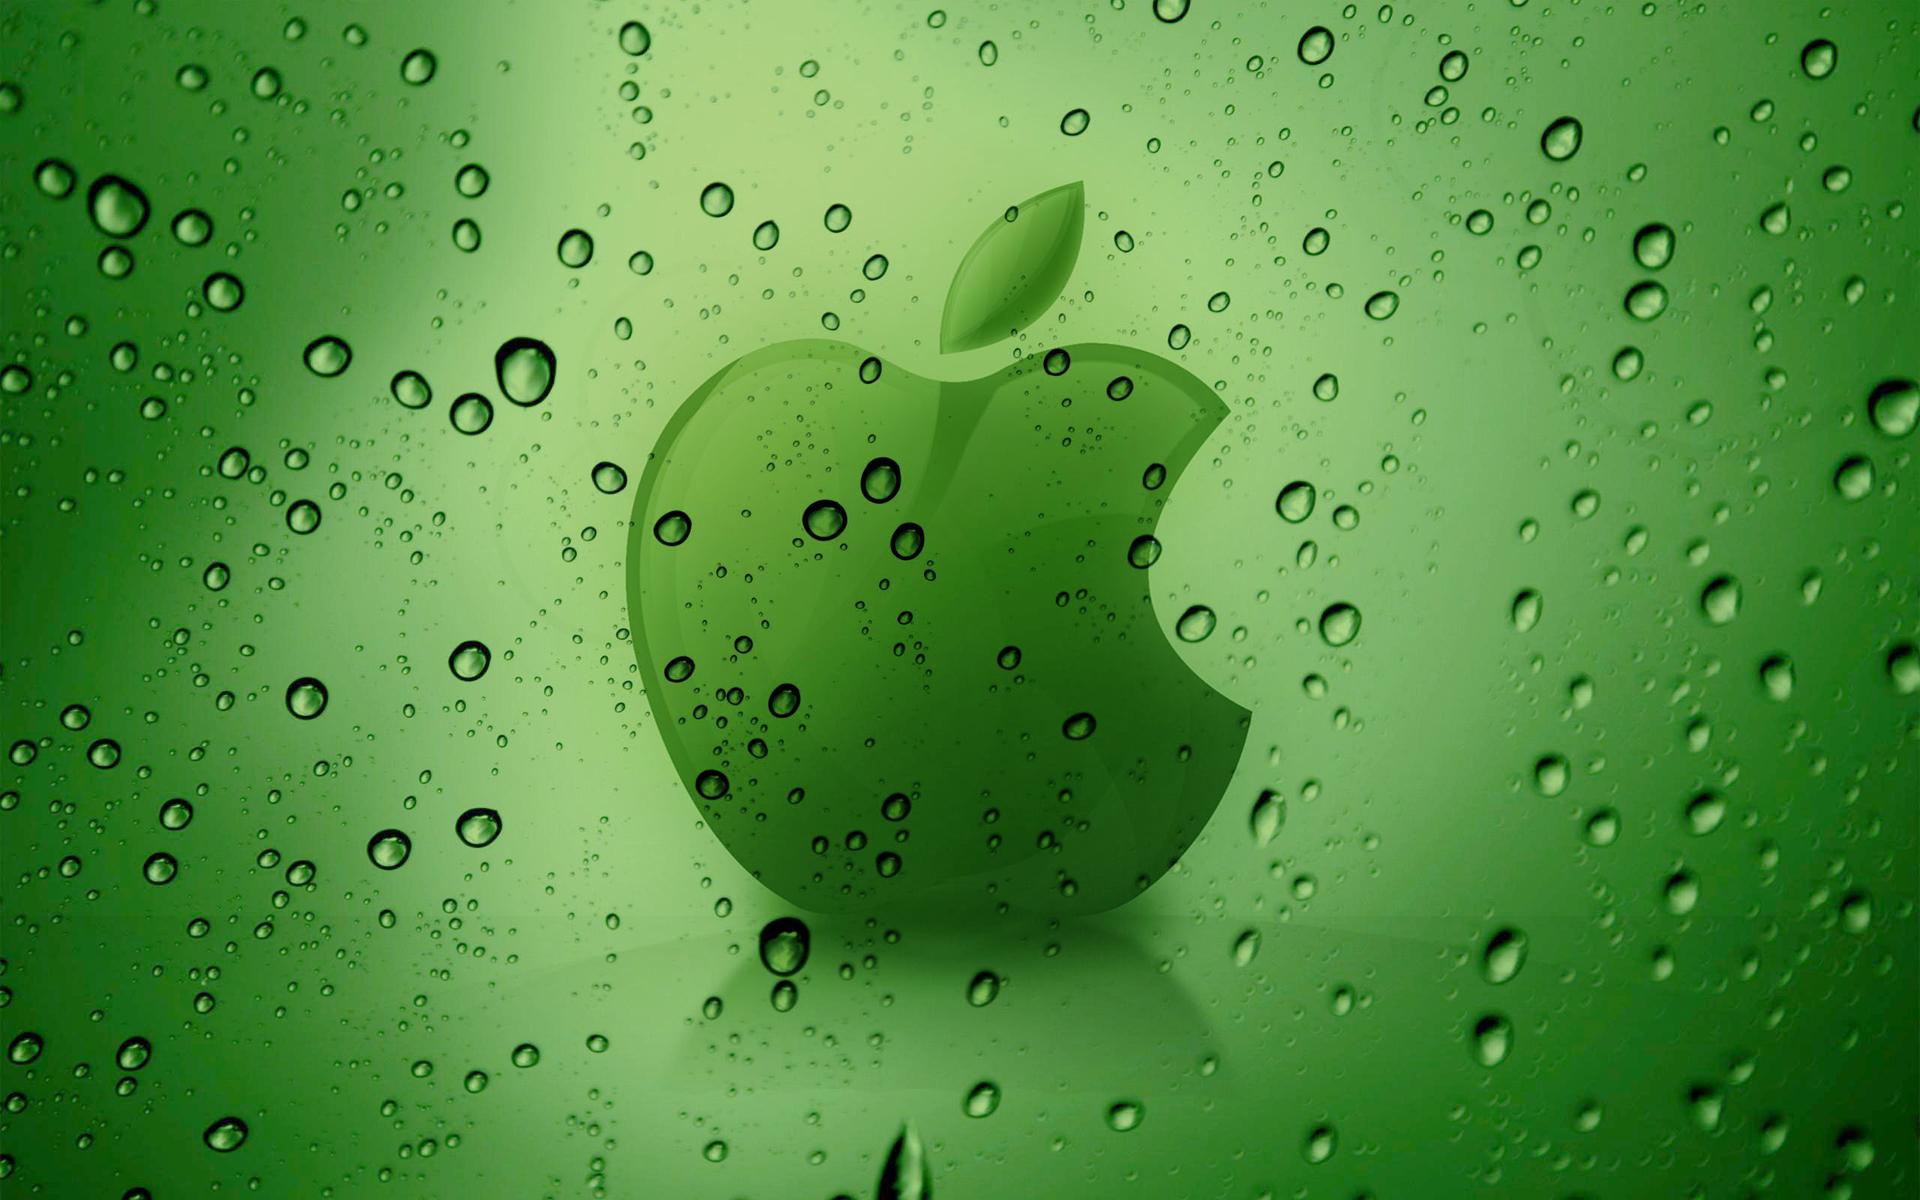 обои зеленое яблоко на зеленом фоне